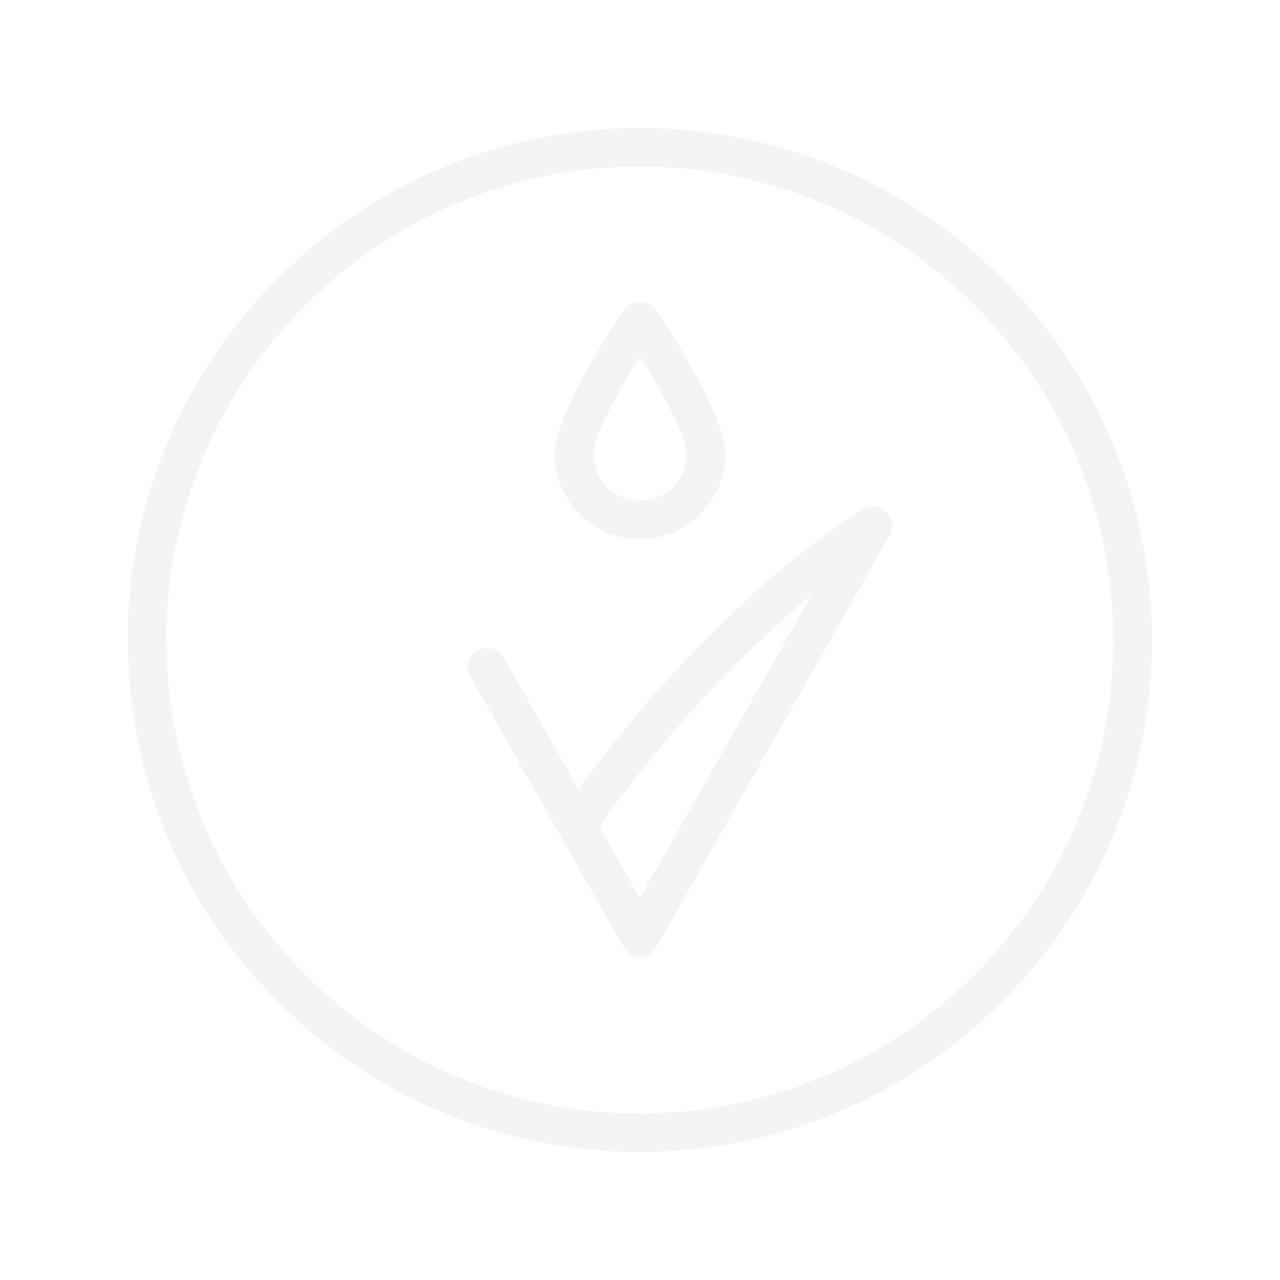 MINIGOLD Lovemark Star White Gift Set